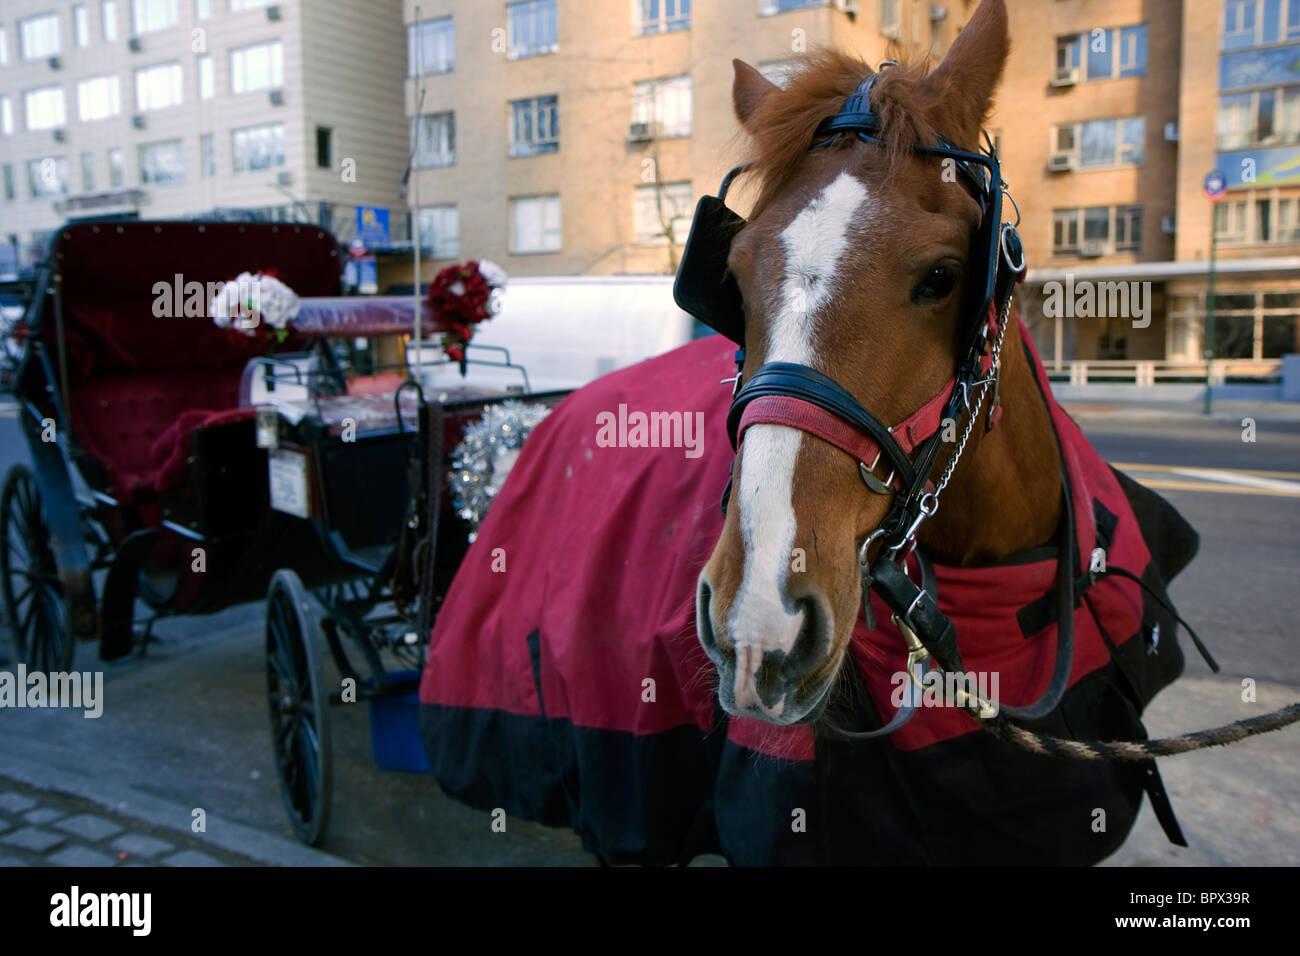 A cavallo con il carrello in attesa per i clienti vicino al Central Park di New York Immagini Stock